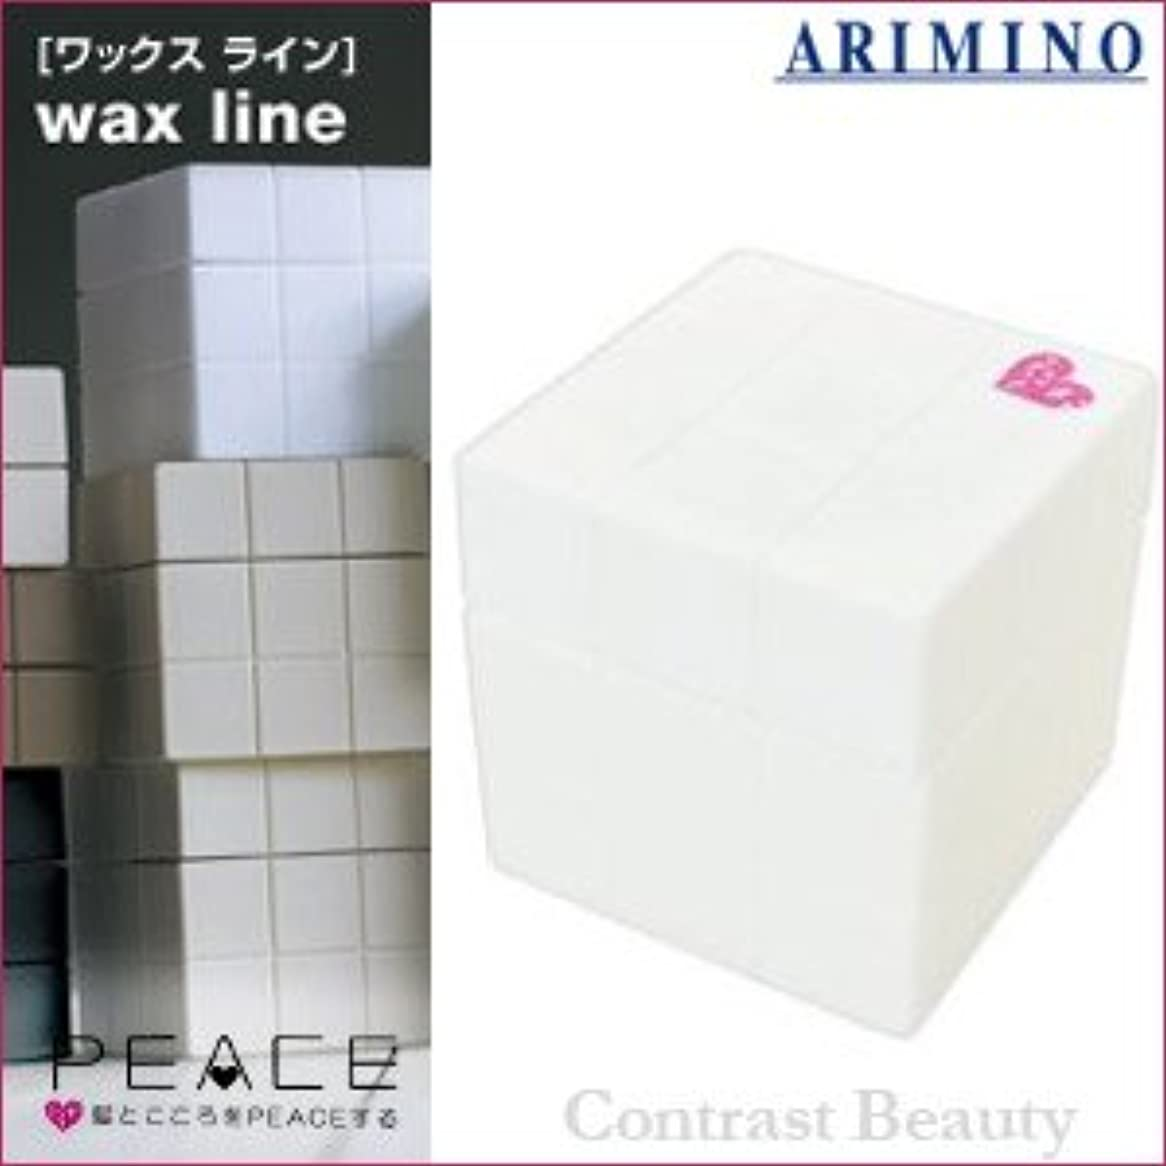 ダルセットチキンすり減る【X5個セット】 アリミノ ピース プロデザインシリーズ グロスワックス ホワイト 80g ARIMINO